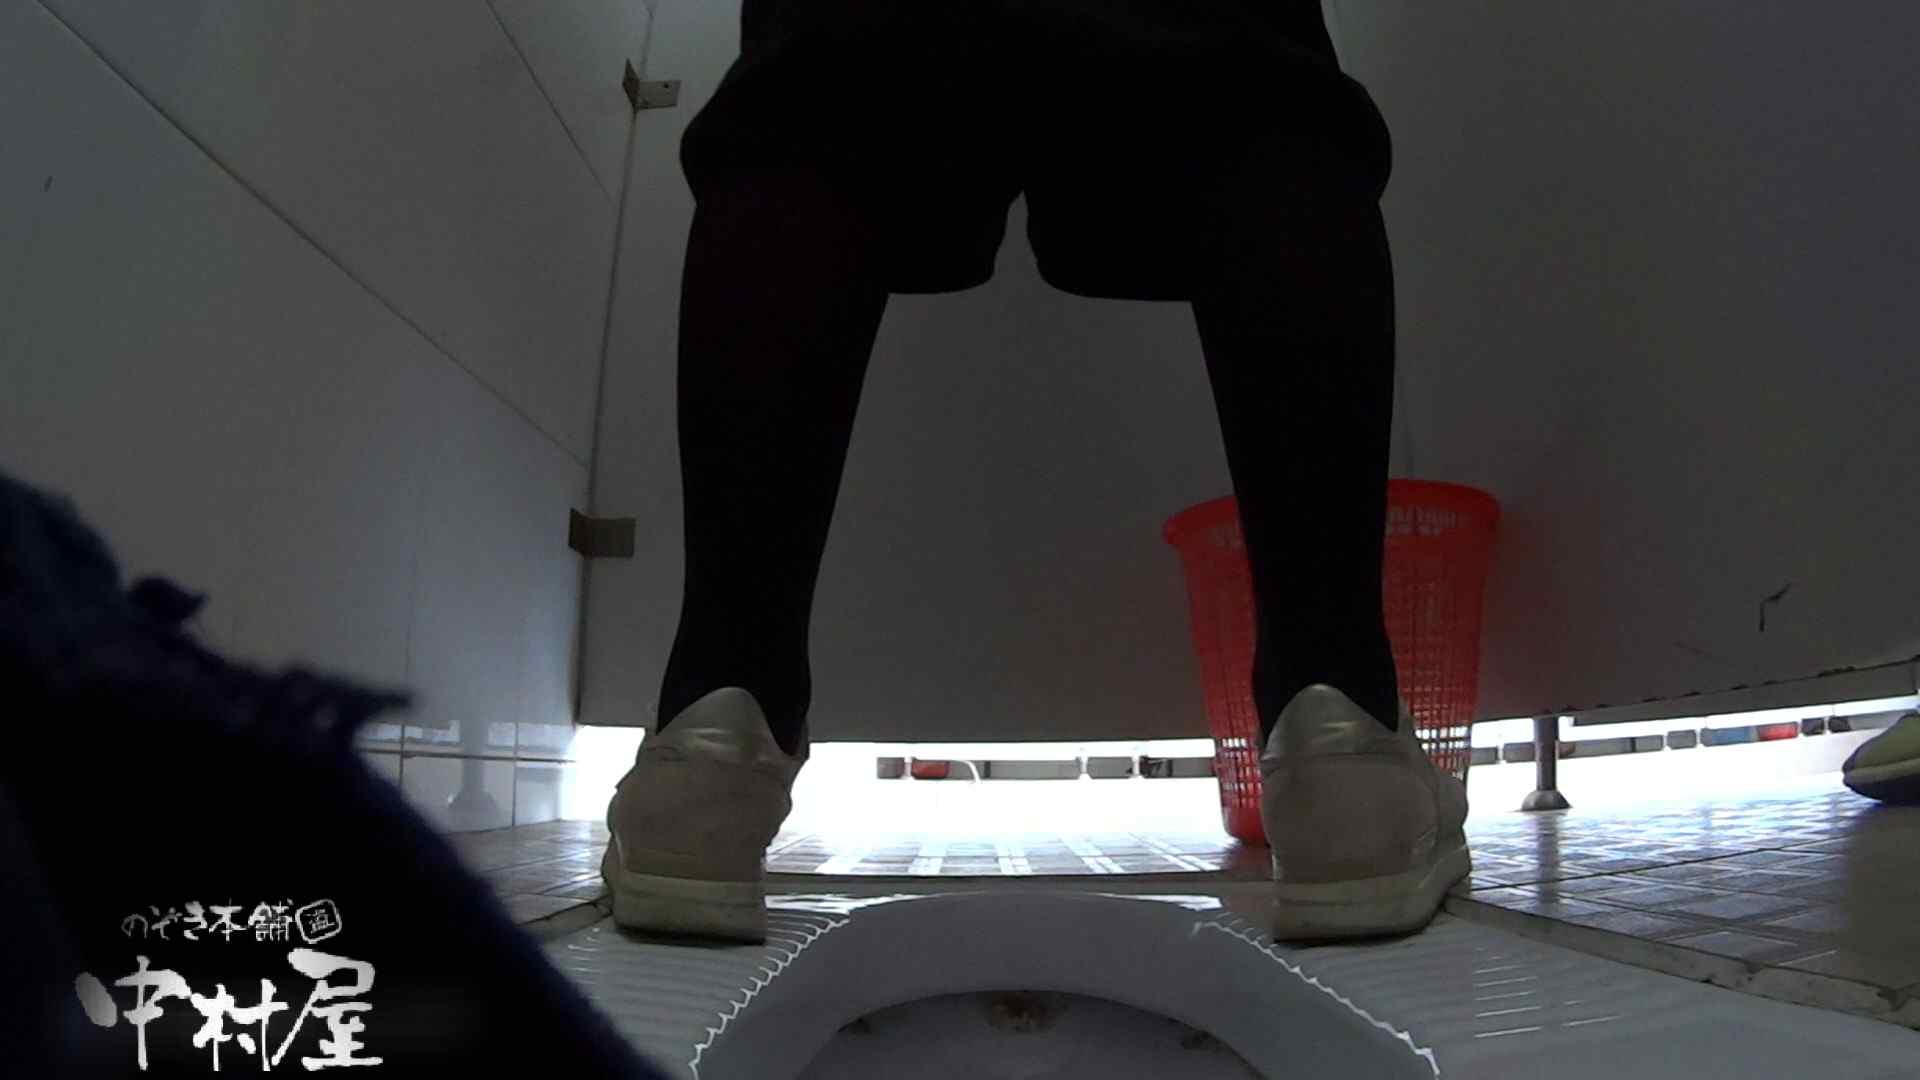 めくれ上がる陰部からの大聖水!大学休憩時間の洗面所事情27 盗撮 | 美女  87pic 7